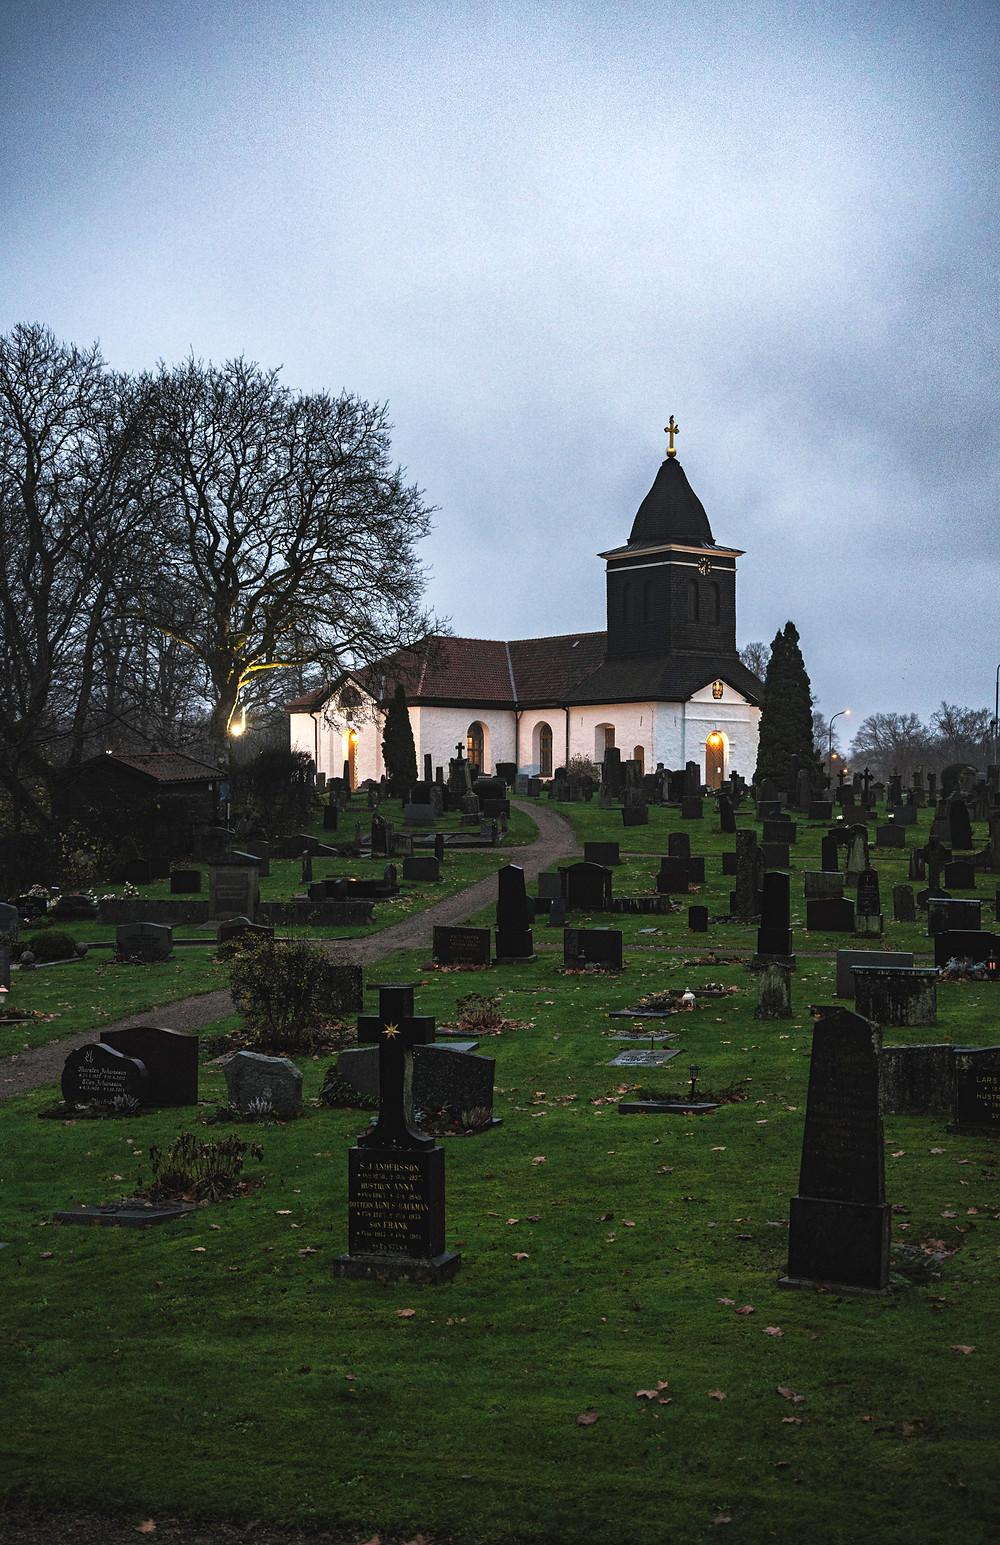 Örkelljunga Church